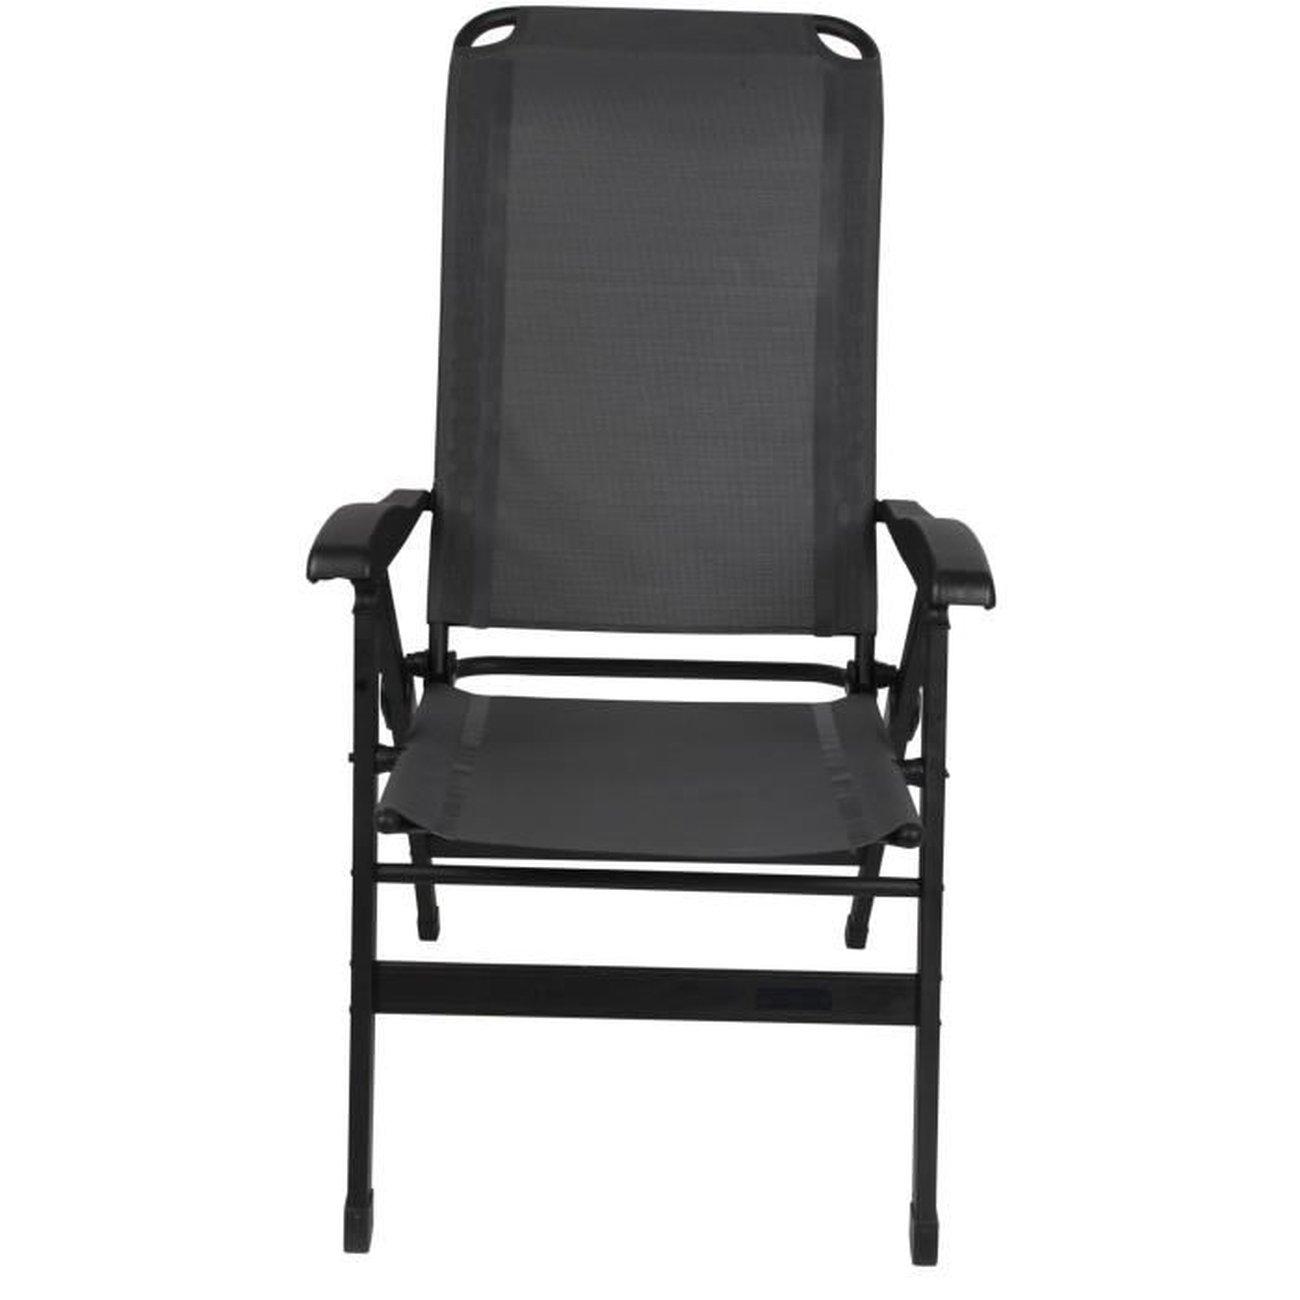 chaise de camping fauteuil de camping tabouret de camping fauteuil confort maxi aluminium gris armature noire 1 v1